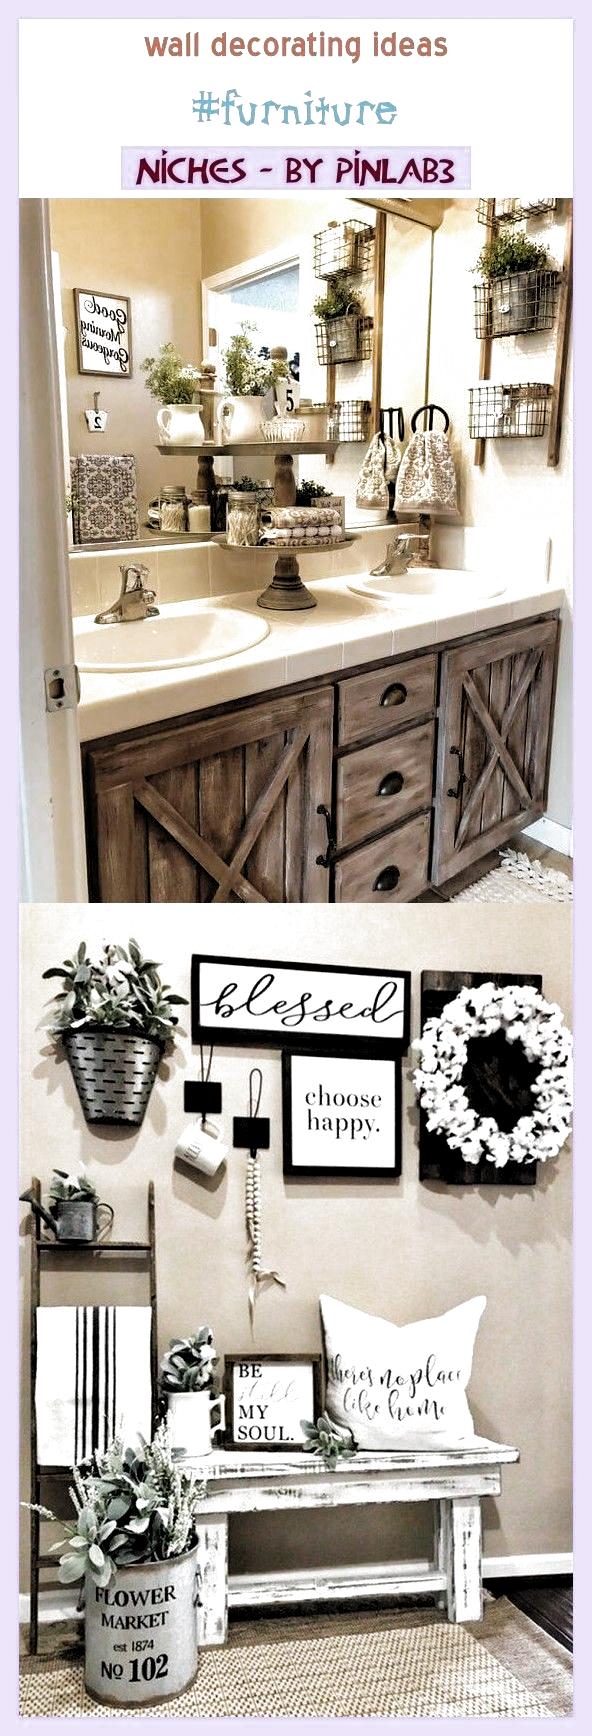 Idées de décoration murale # meubles # bricolage. idées déco pour la maison, déco ...